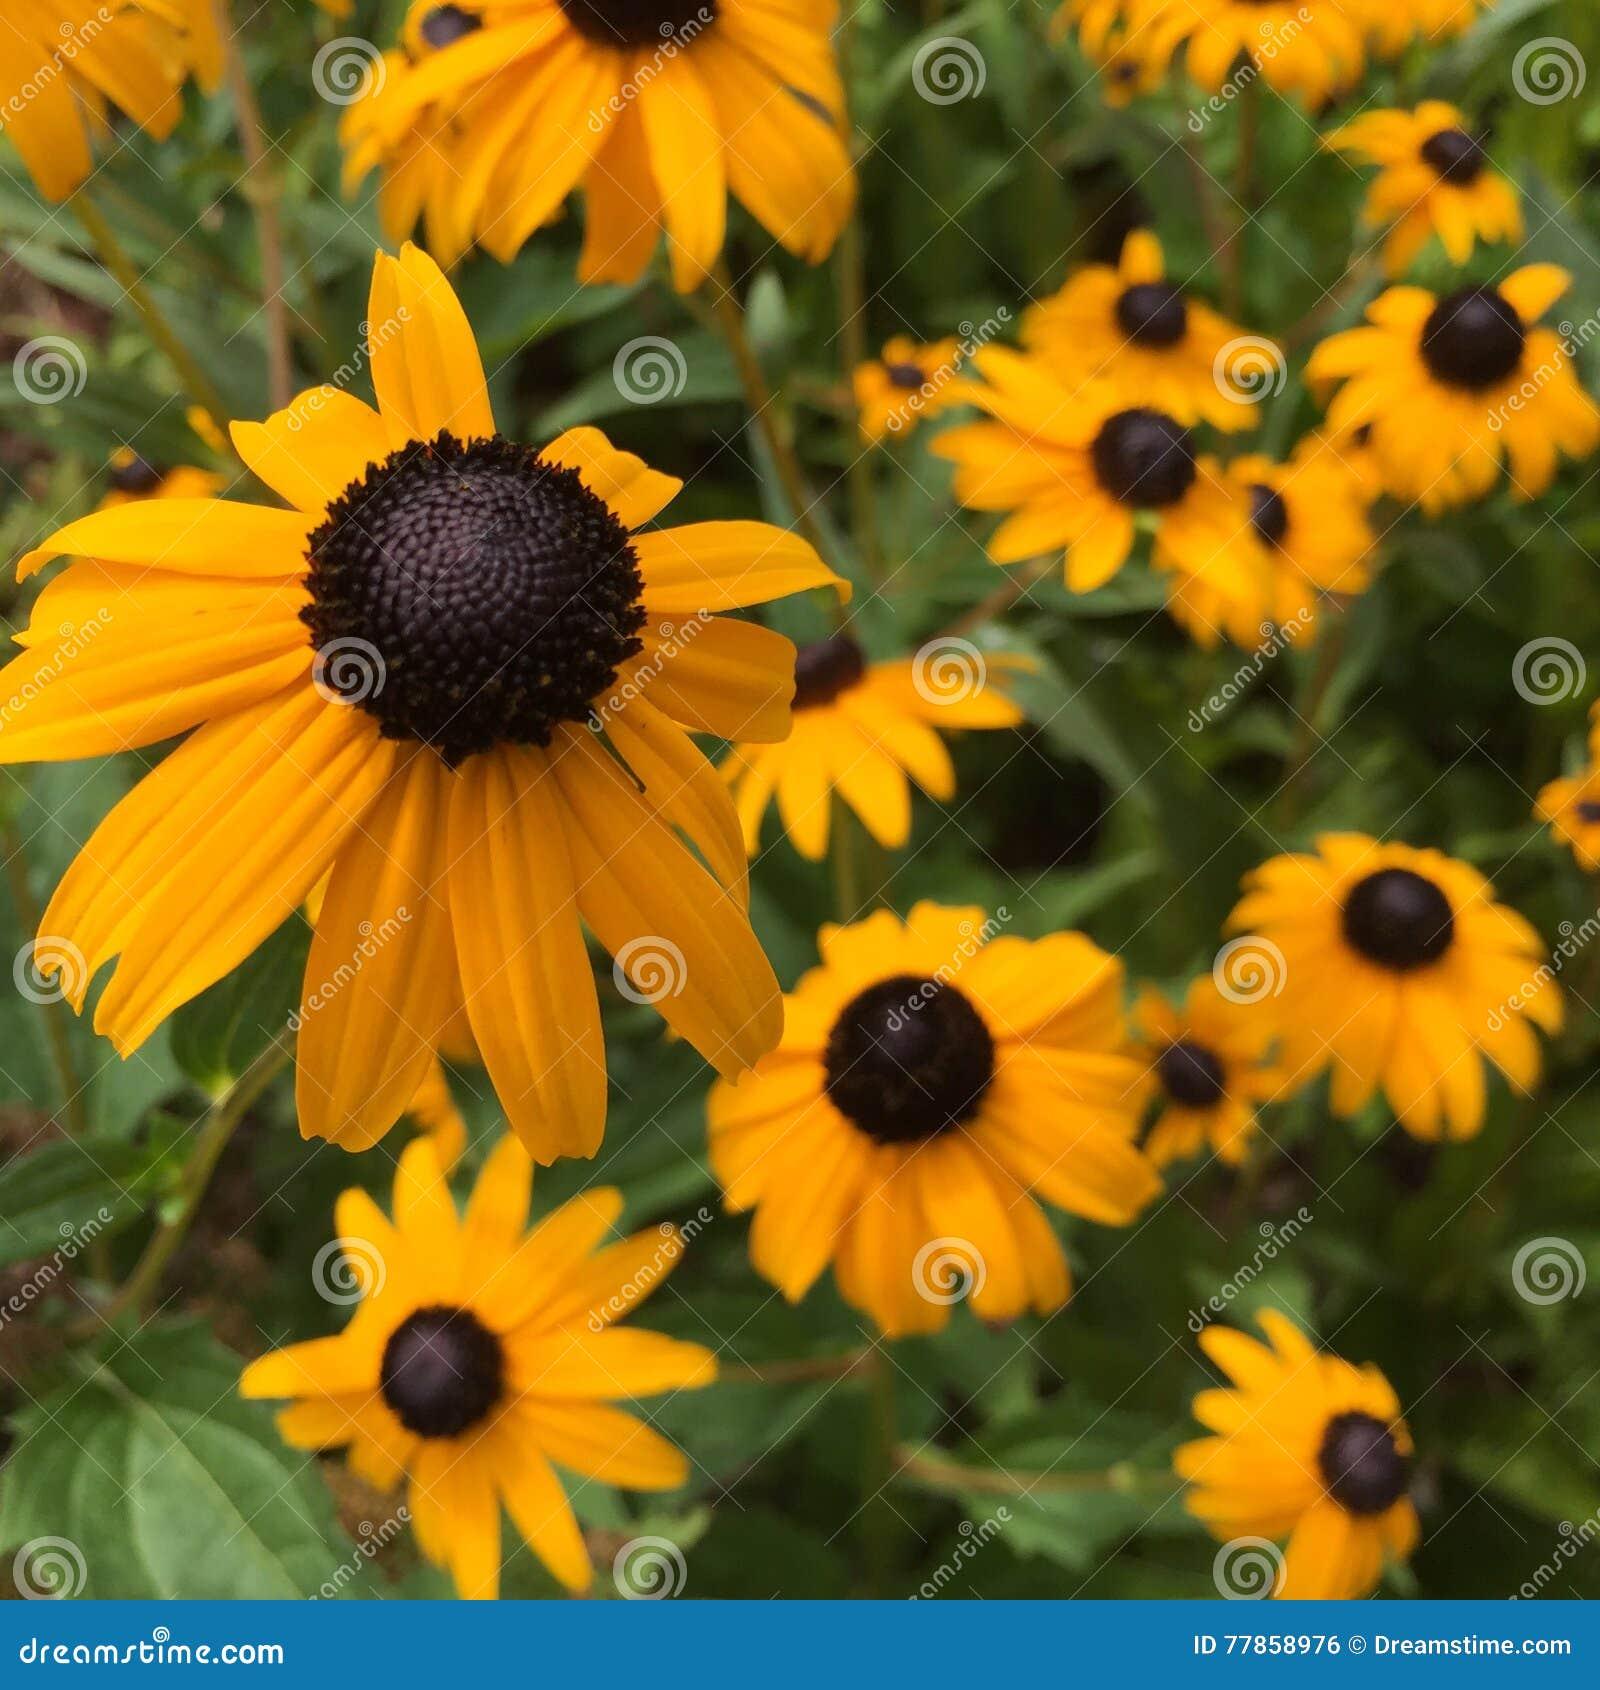 Blooming Black-Eyed-Susan Flowers (Rudbeckia hirta)